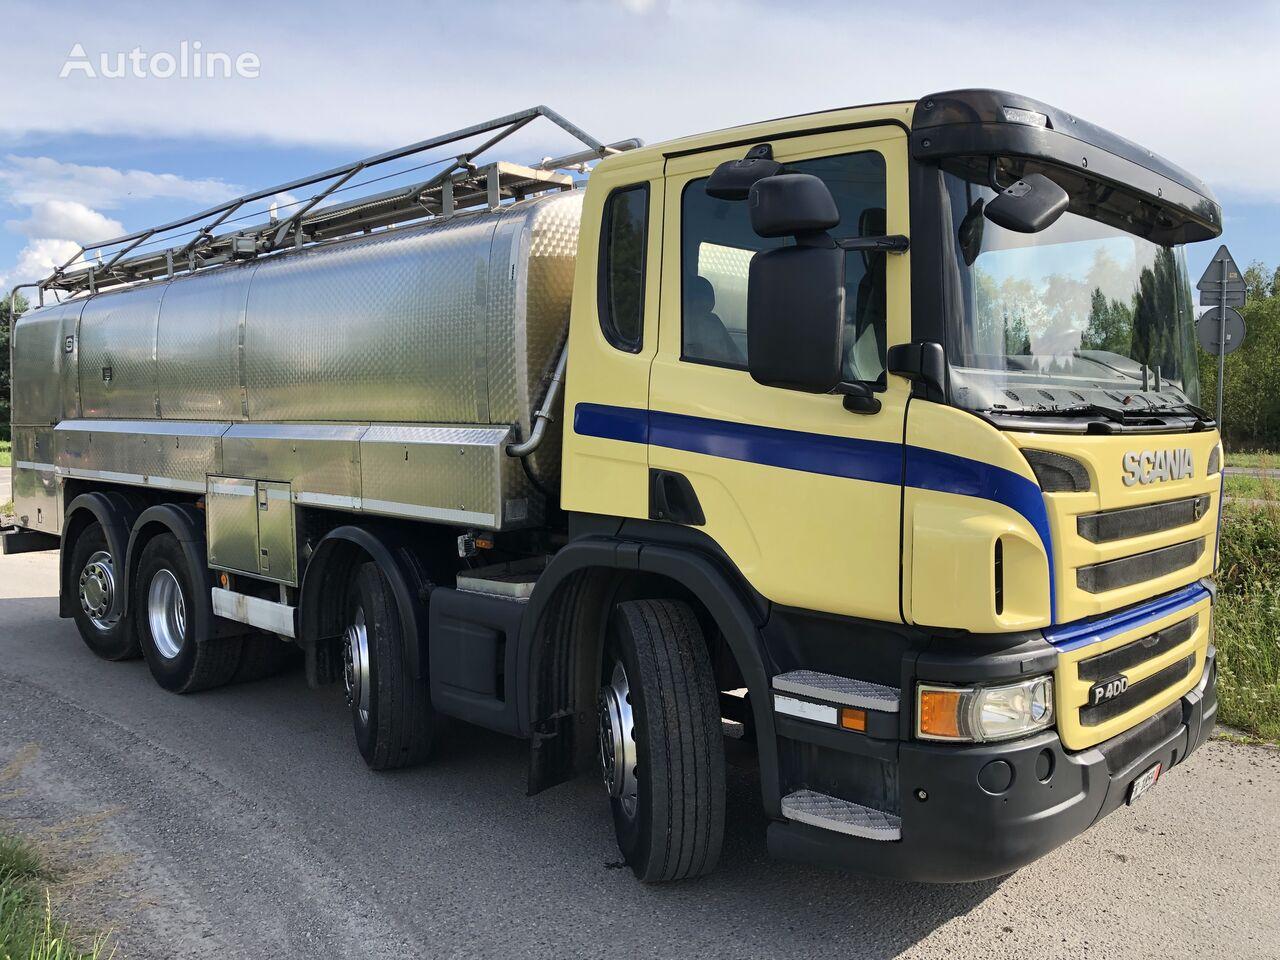 SCANIA P 400 KM 8x2 Beczka Do Mleka Sprowadzona Ze Szwajcarii milk tanker